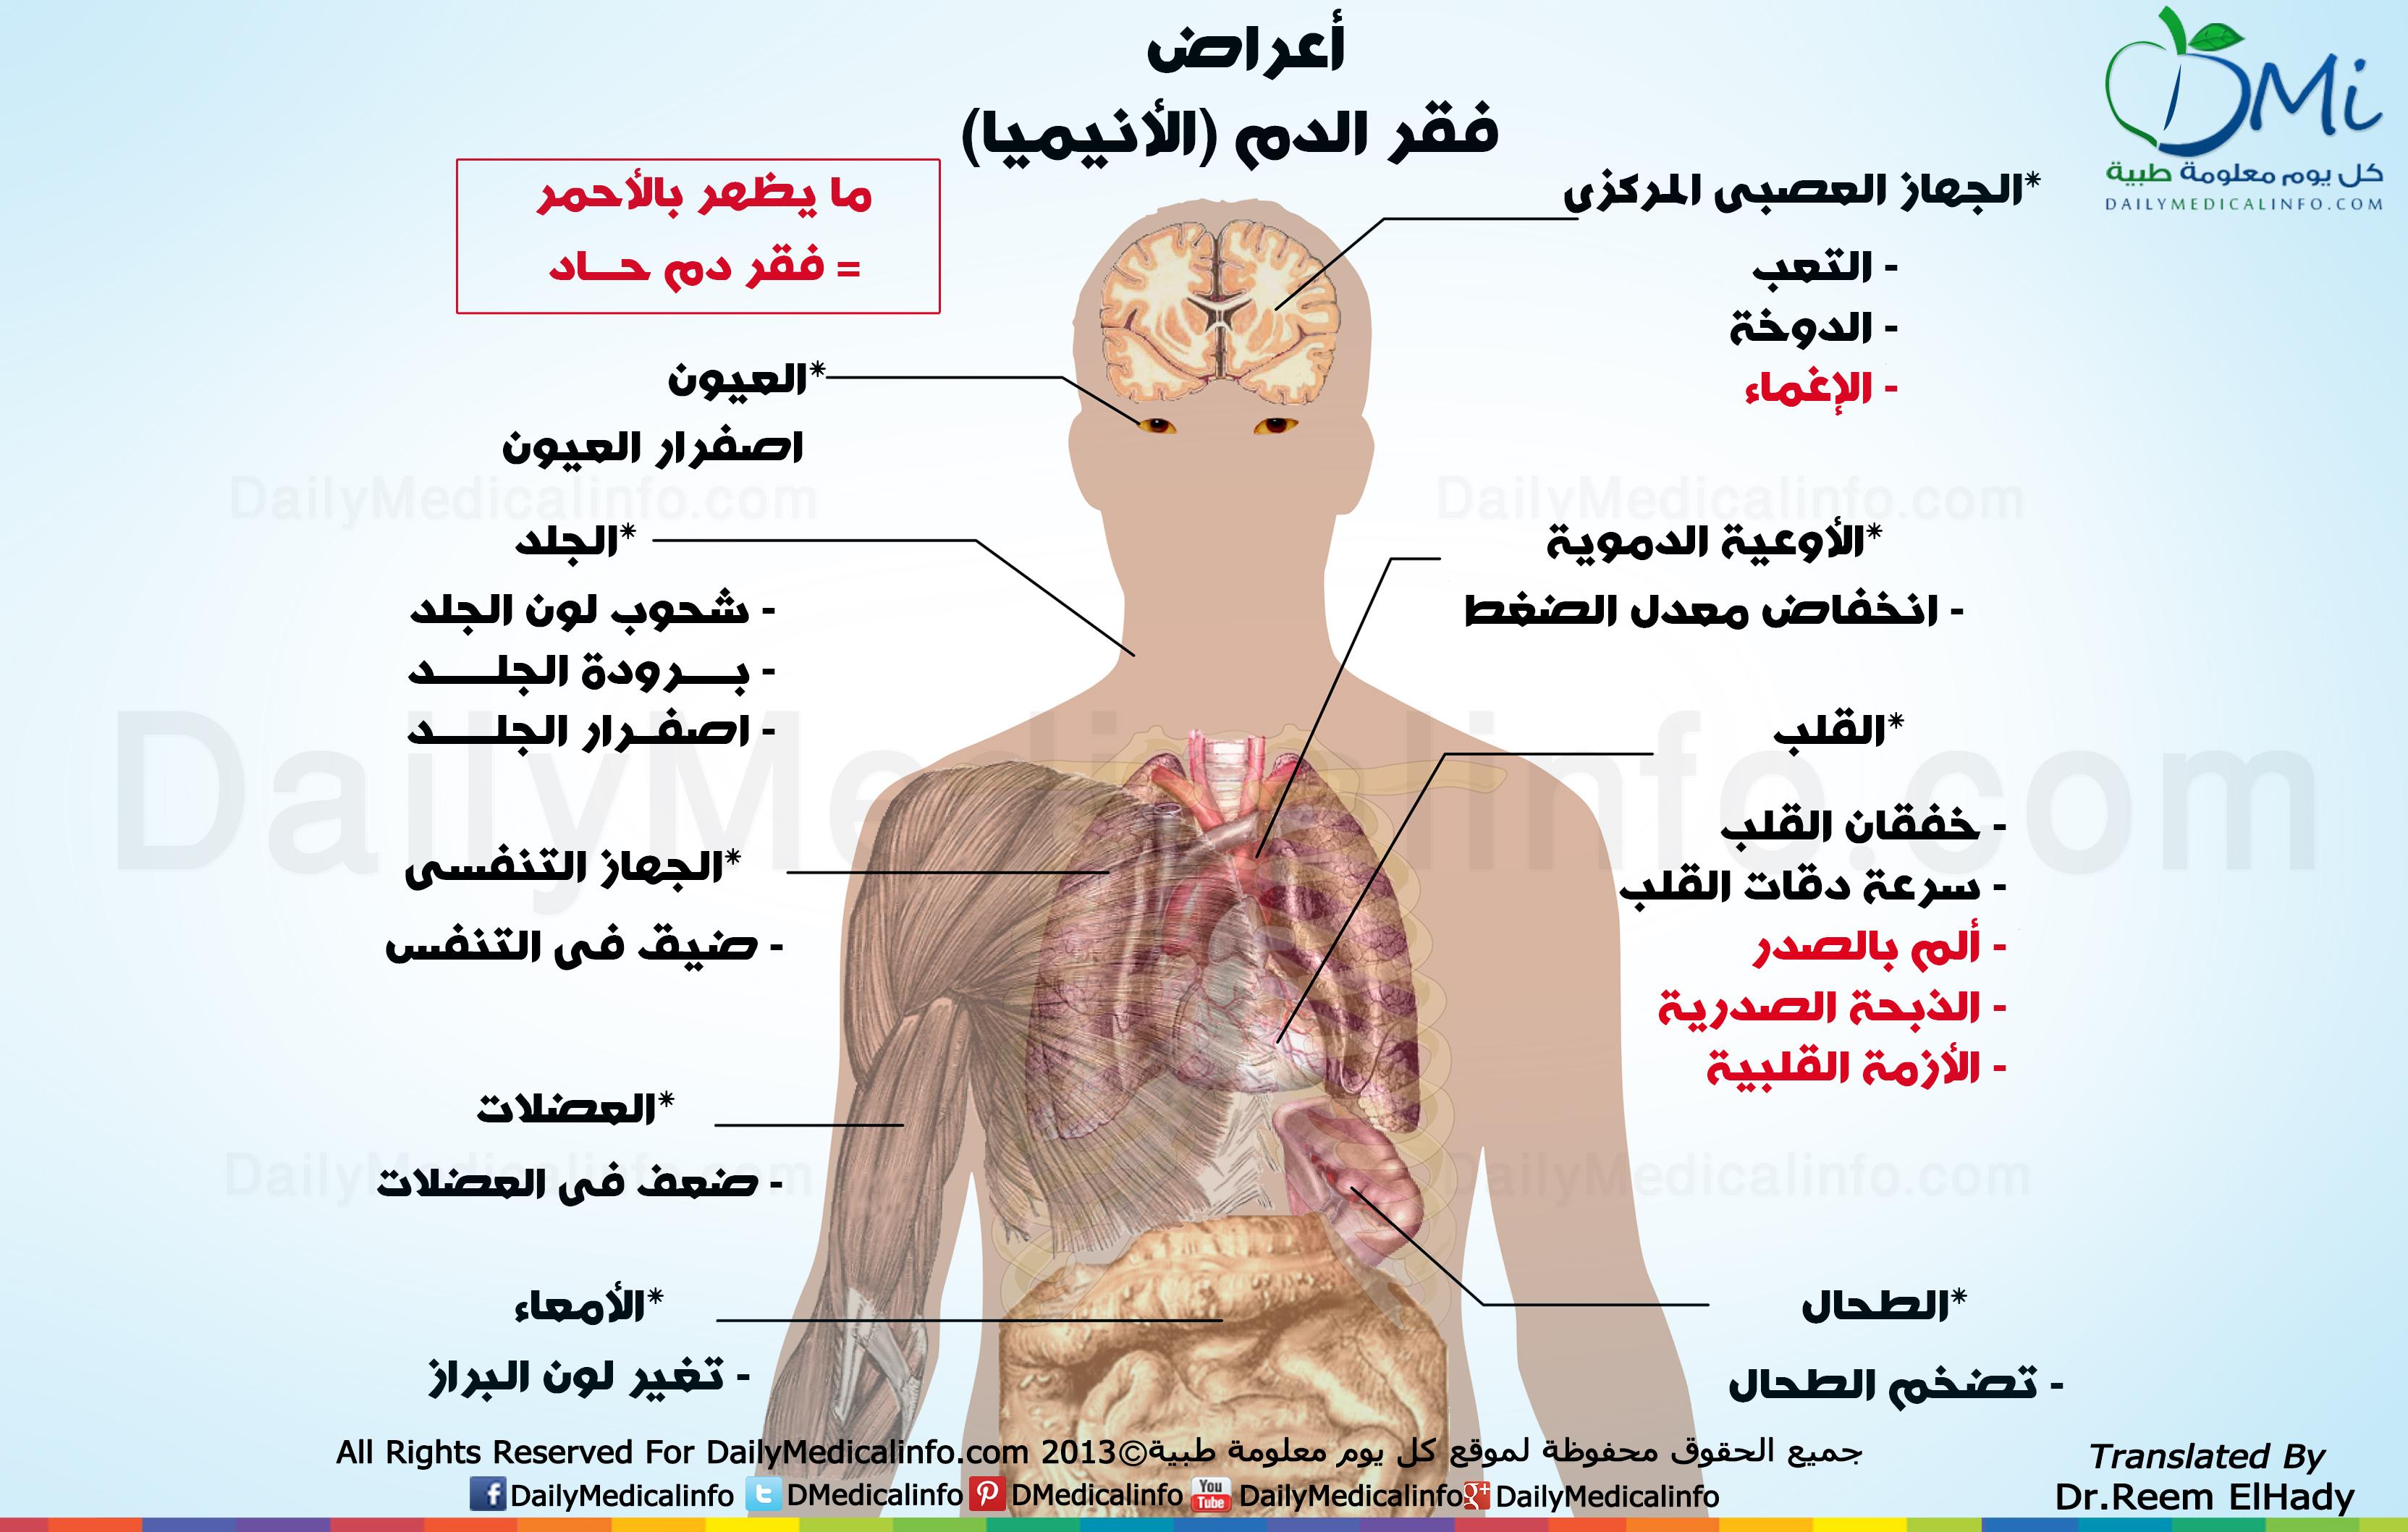 ماهي اعراض فقر الدم